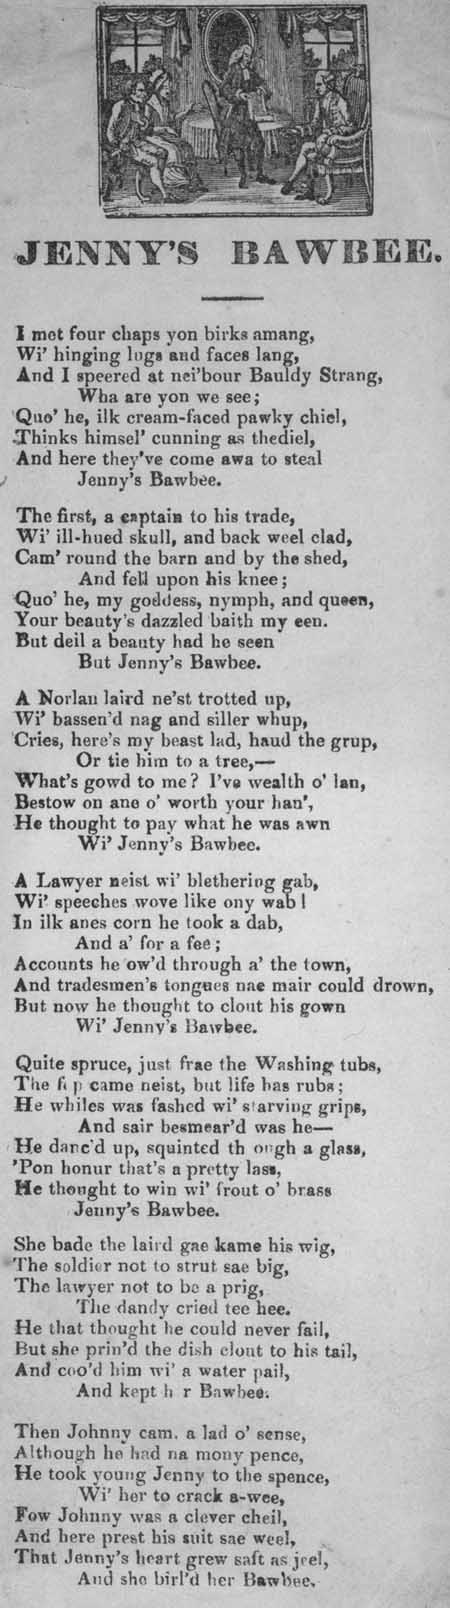 Broadside ballad entitled 'Jenny's Bawbee'